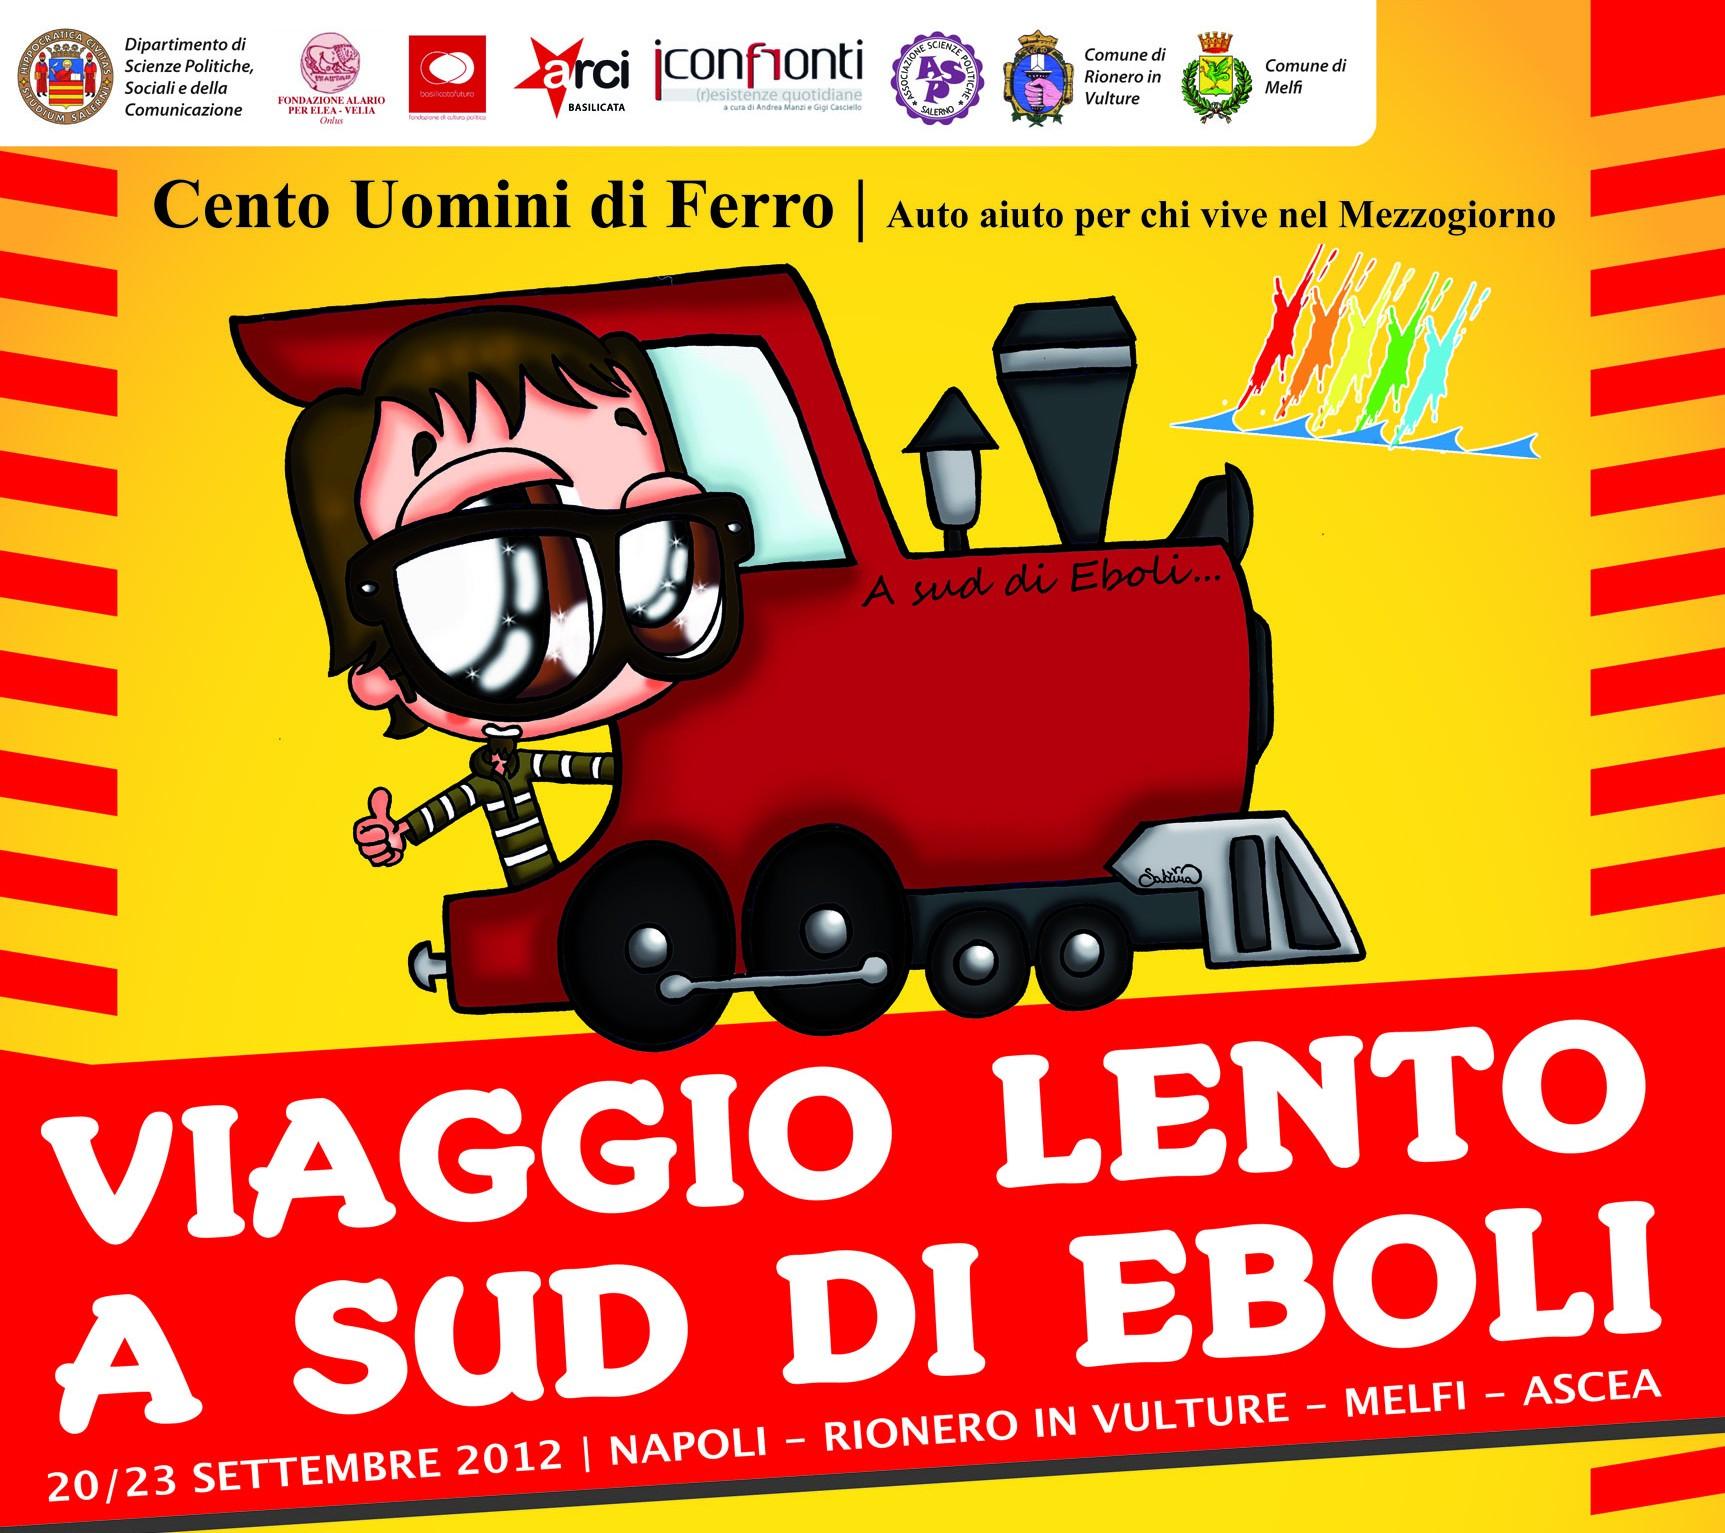 Viaggio lento a sud di Eboli